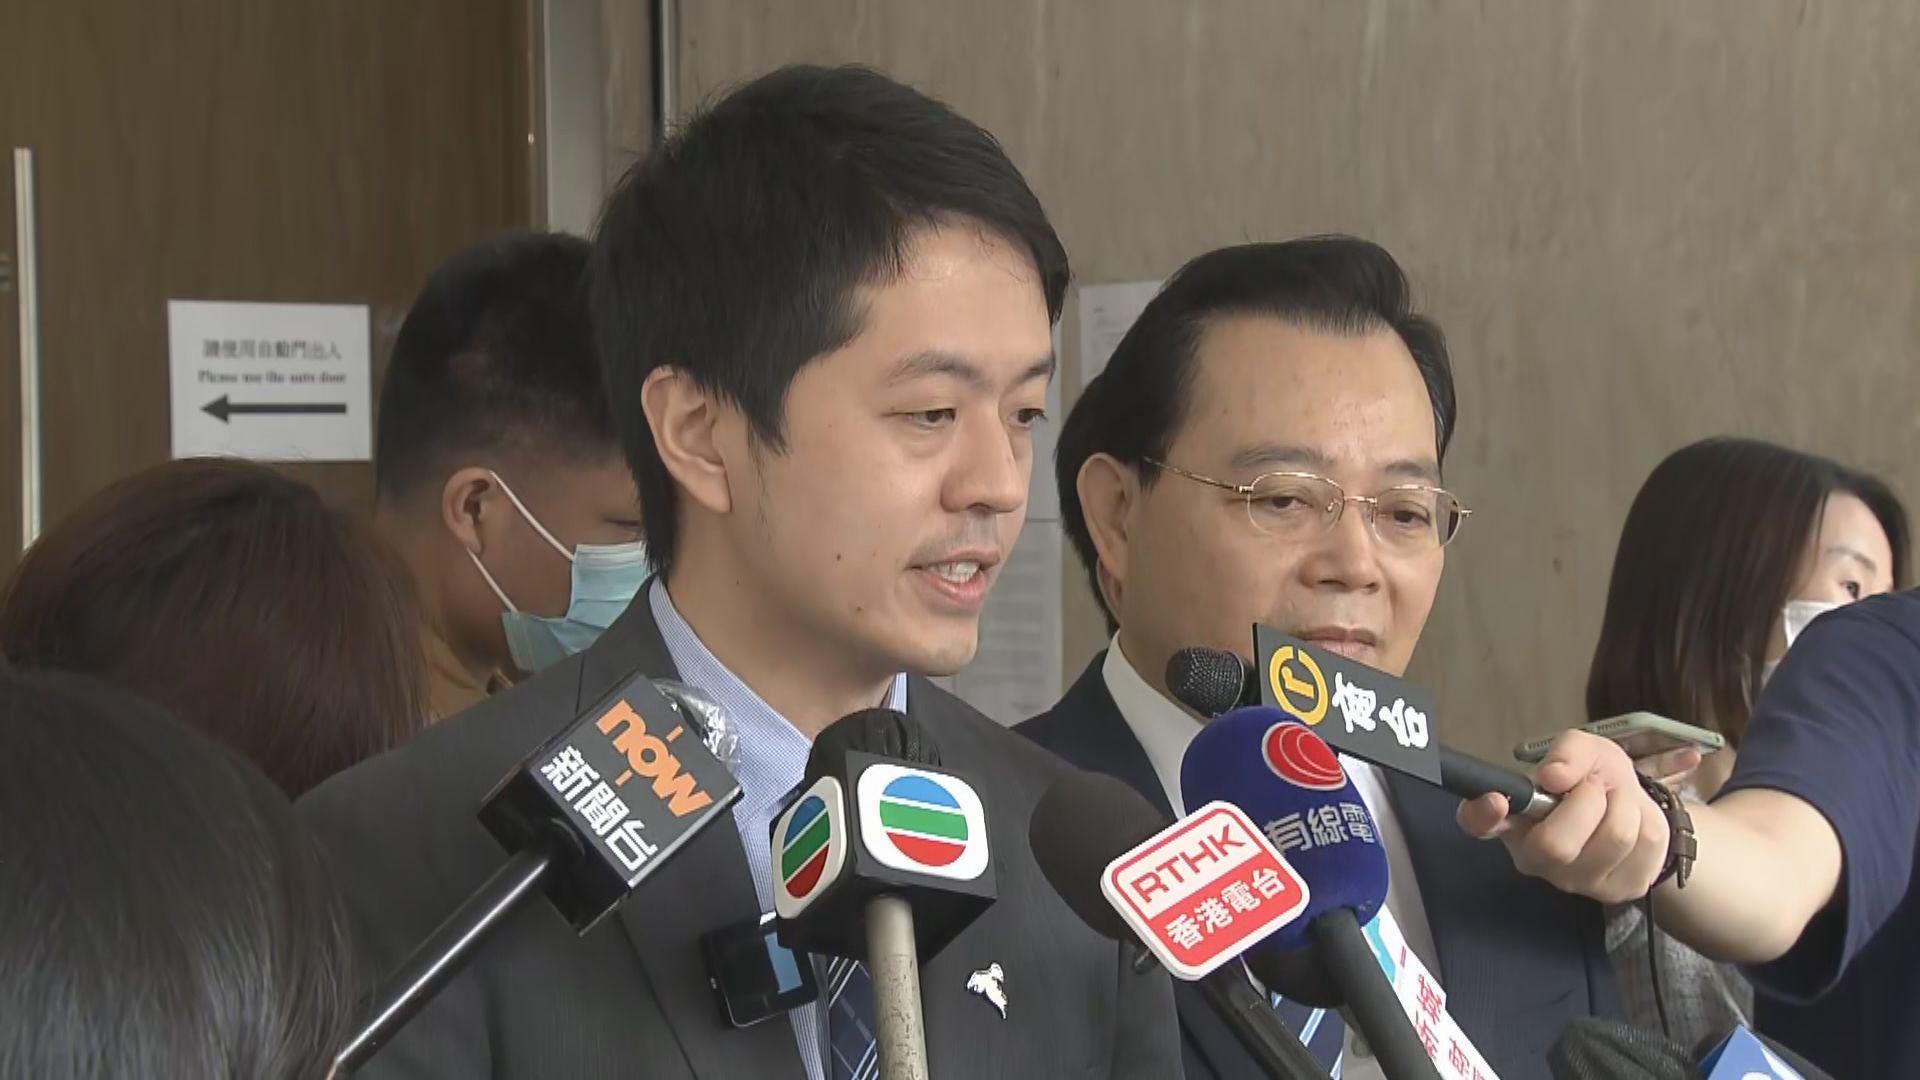 許智峯入稟要求頒令警方披露催淚彈成分 批律政司拖延